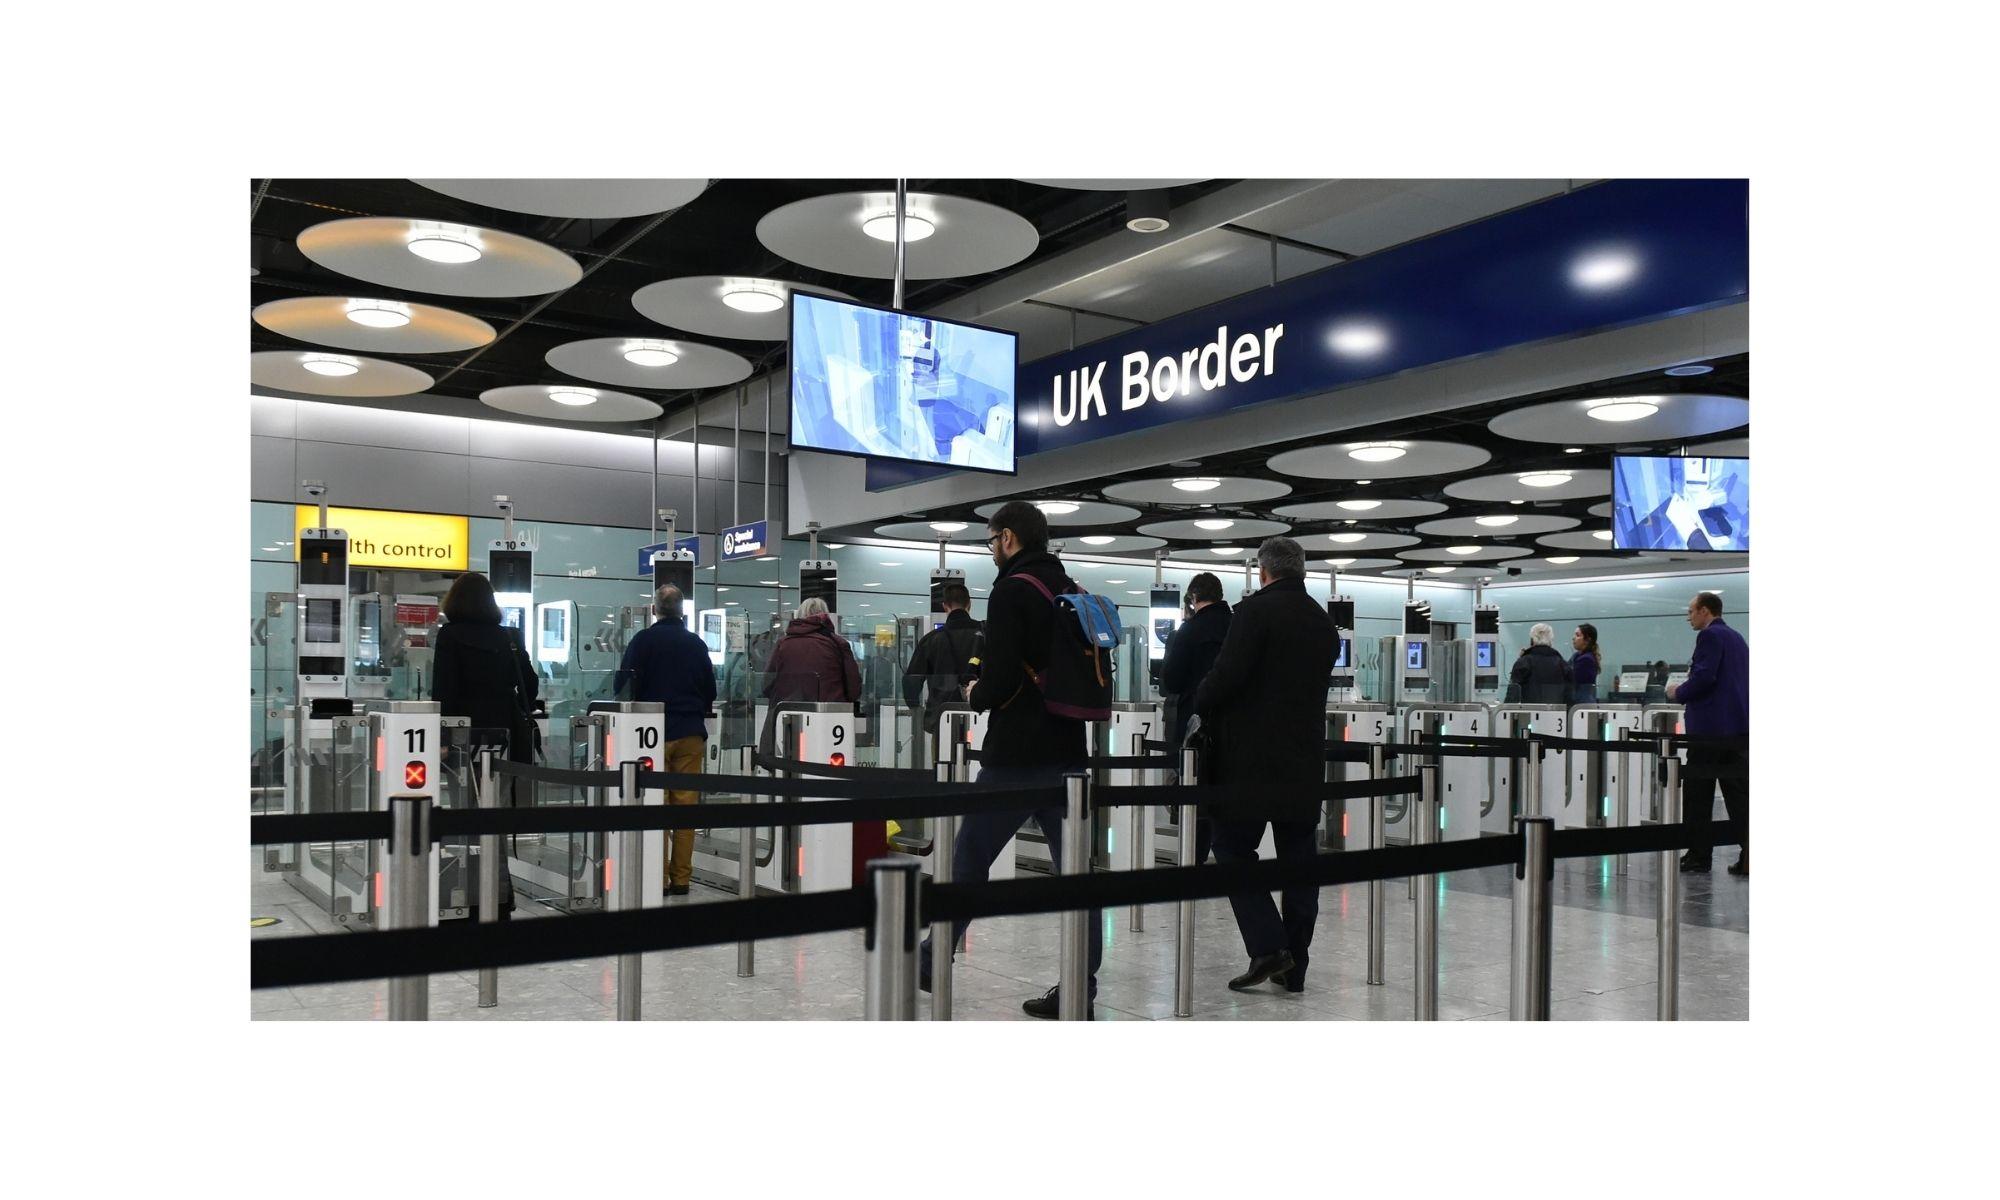 La frontière avec le Royaume-Uni restera fermée «jusqu'à nouvel ordre»